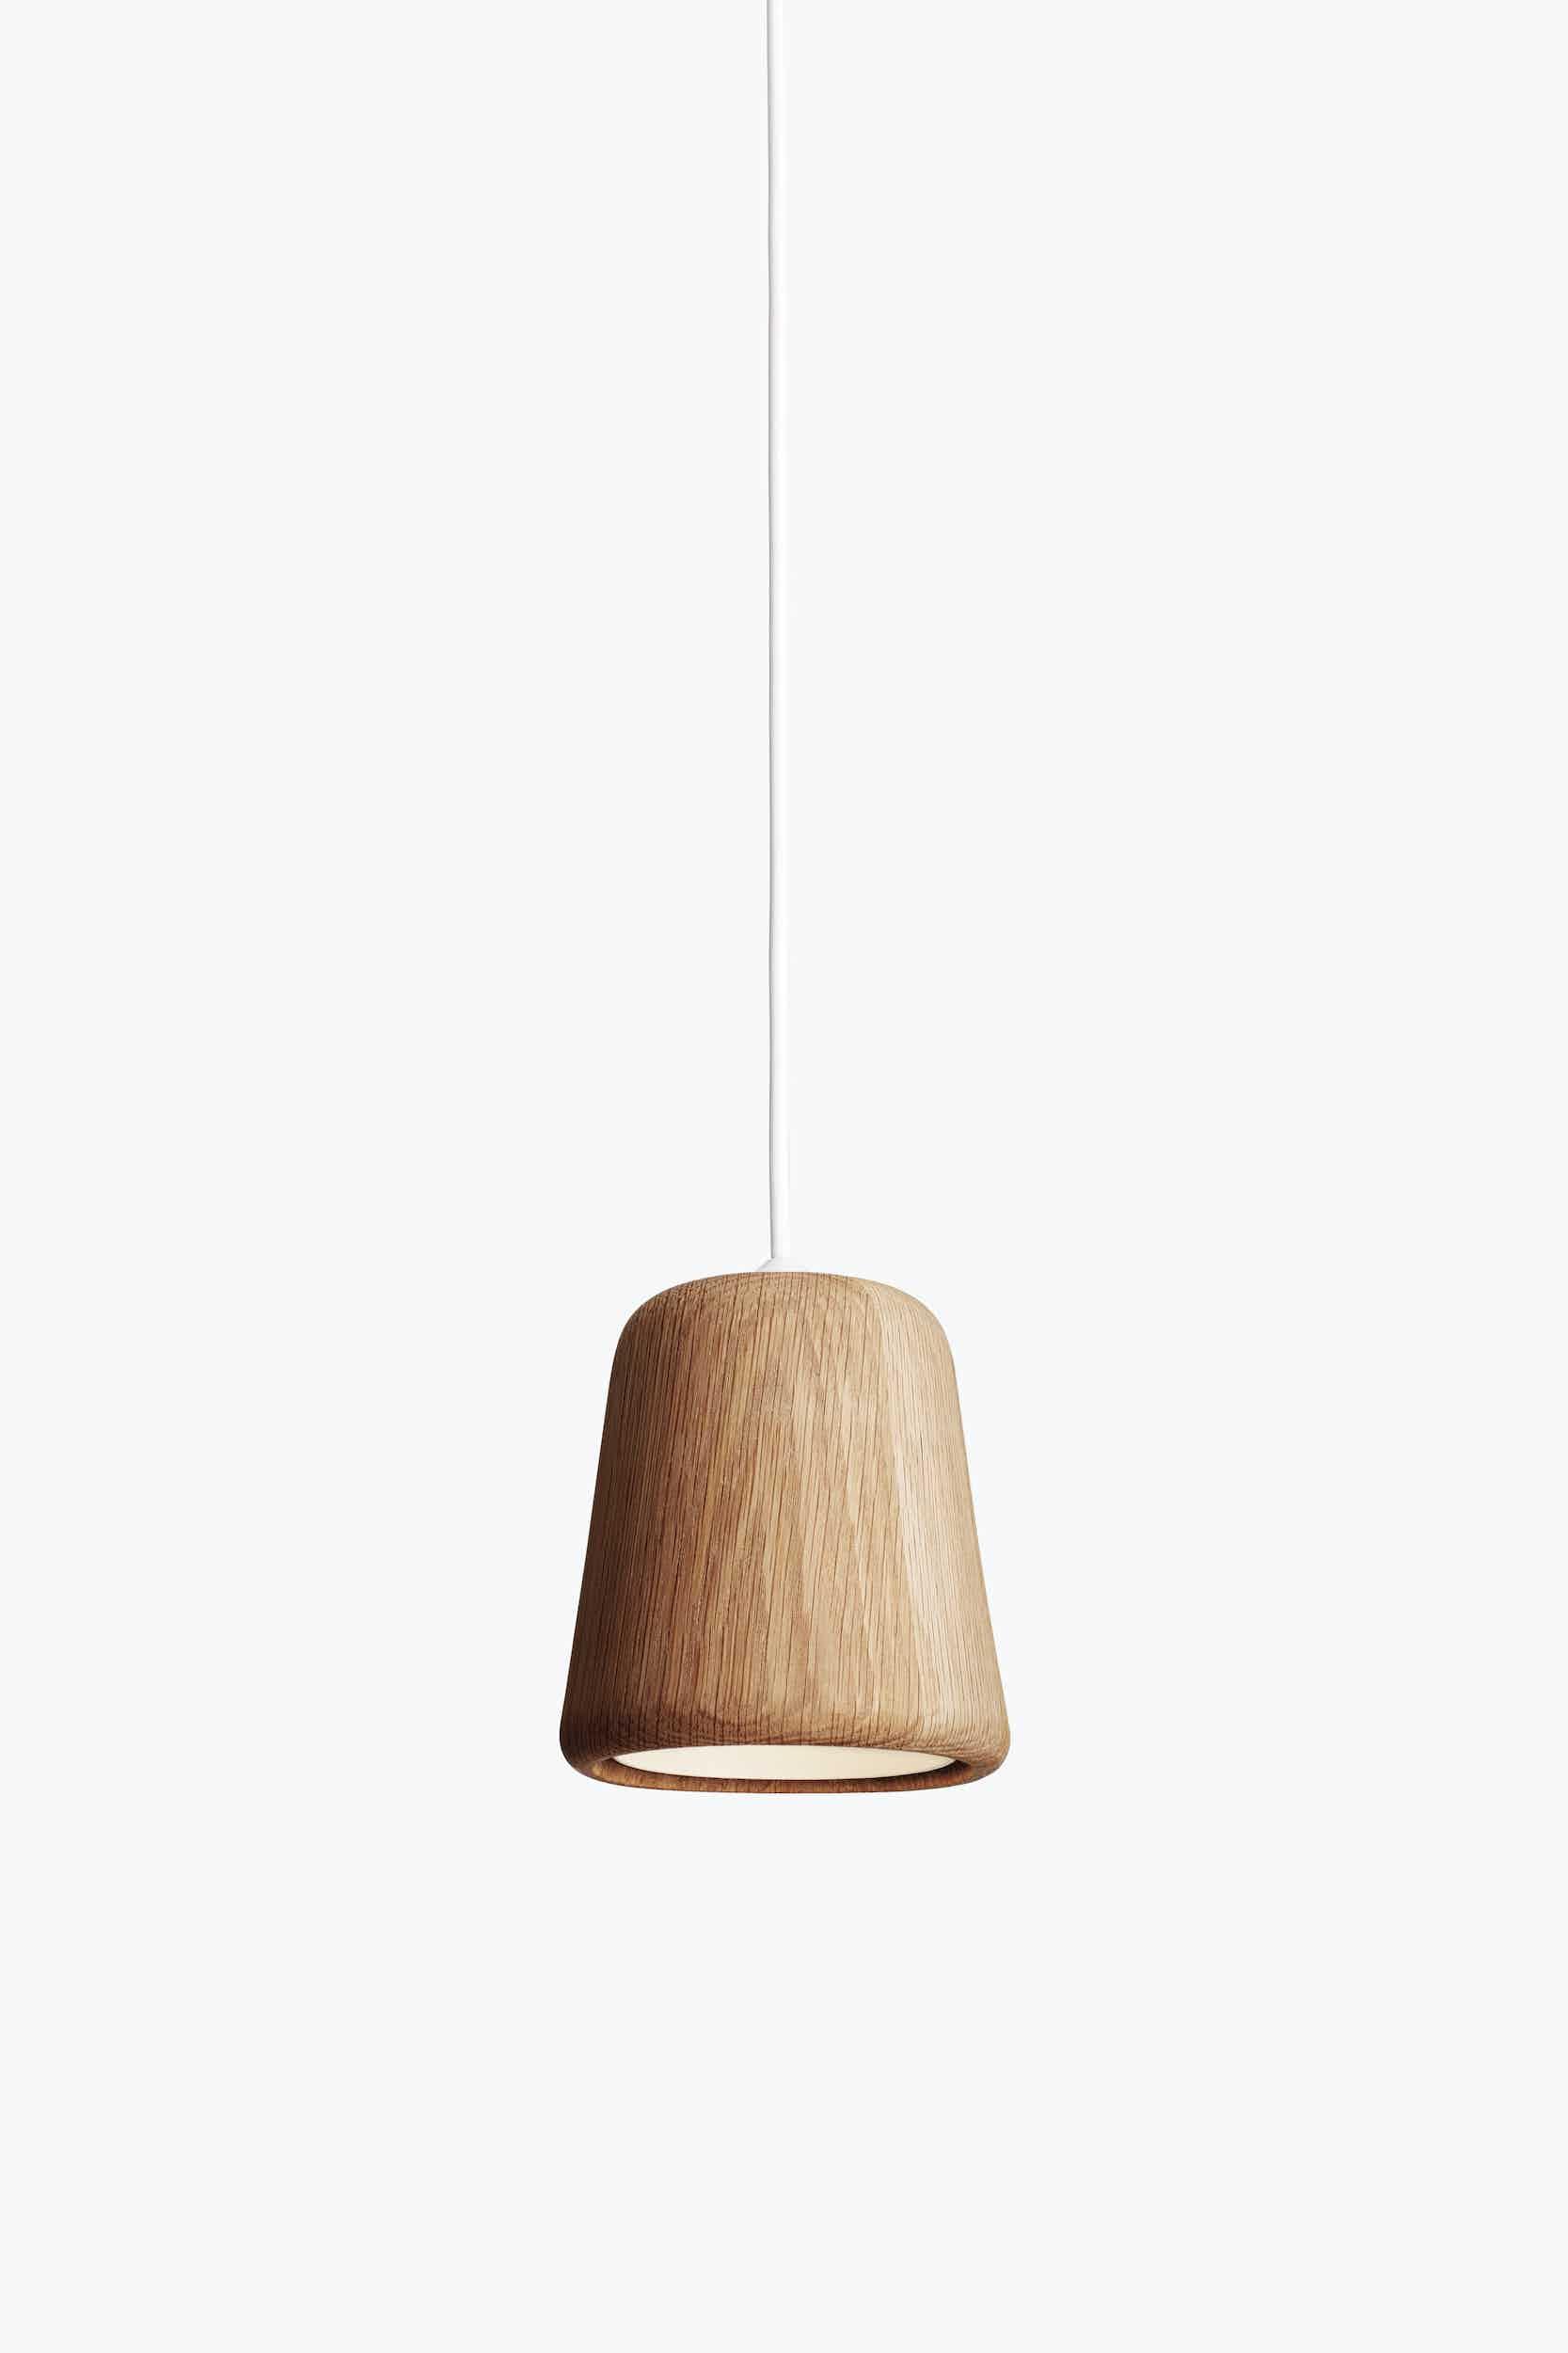 New works furniture material pendant natural oak grey haute living